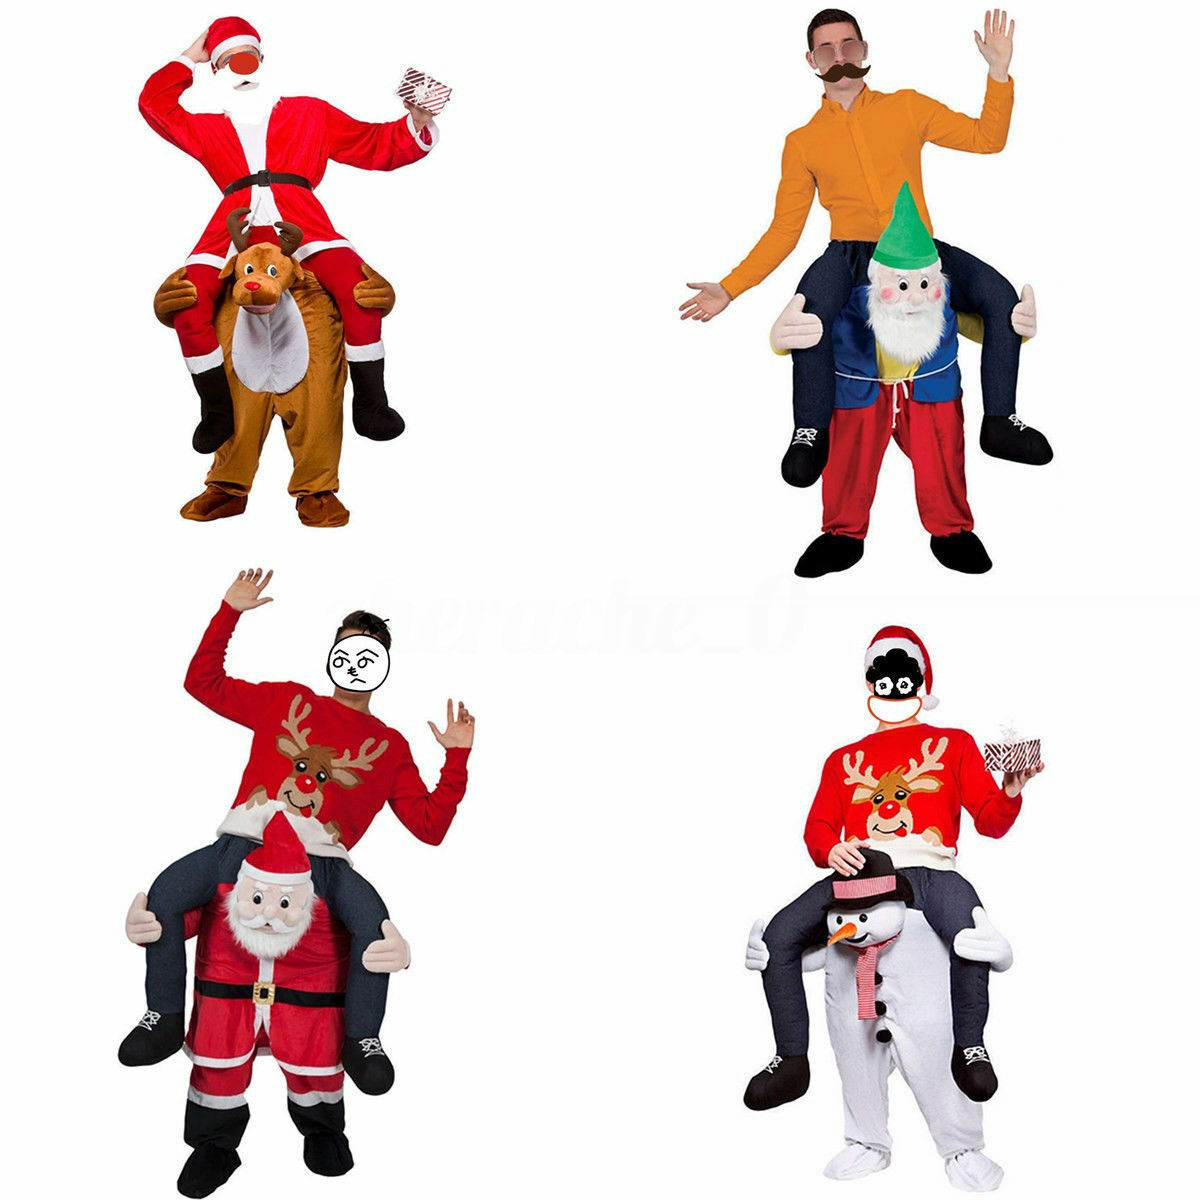 Porter moi monter sur bonhomme de neige nain mascotte Costume Cosplay fête jeu tenues vêtements publicité carnaval noël Festival adulte